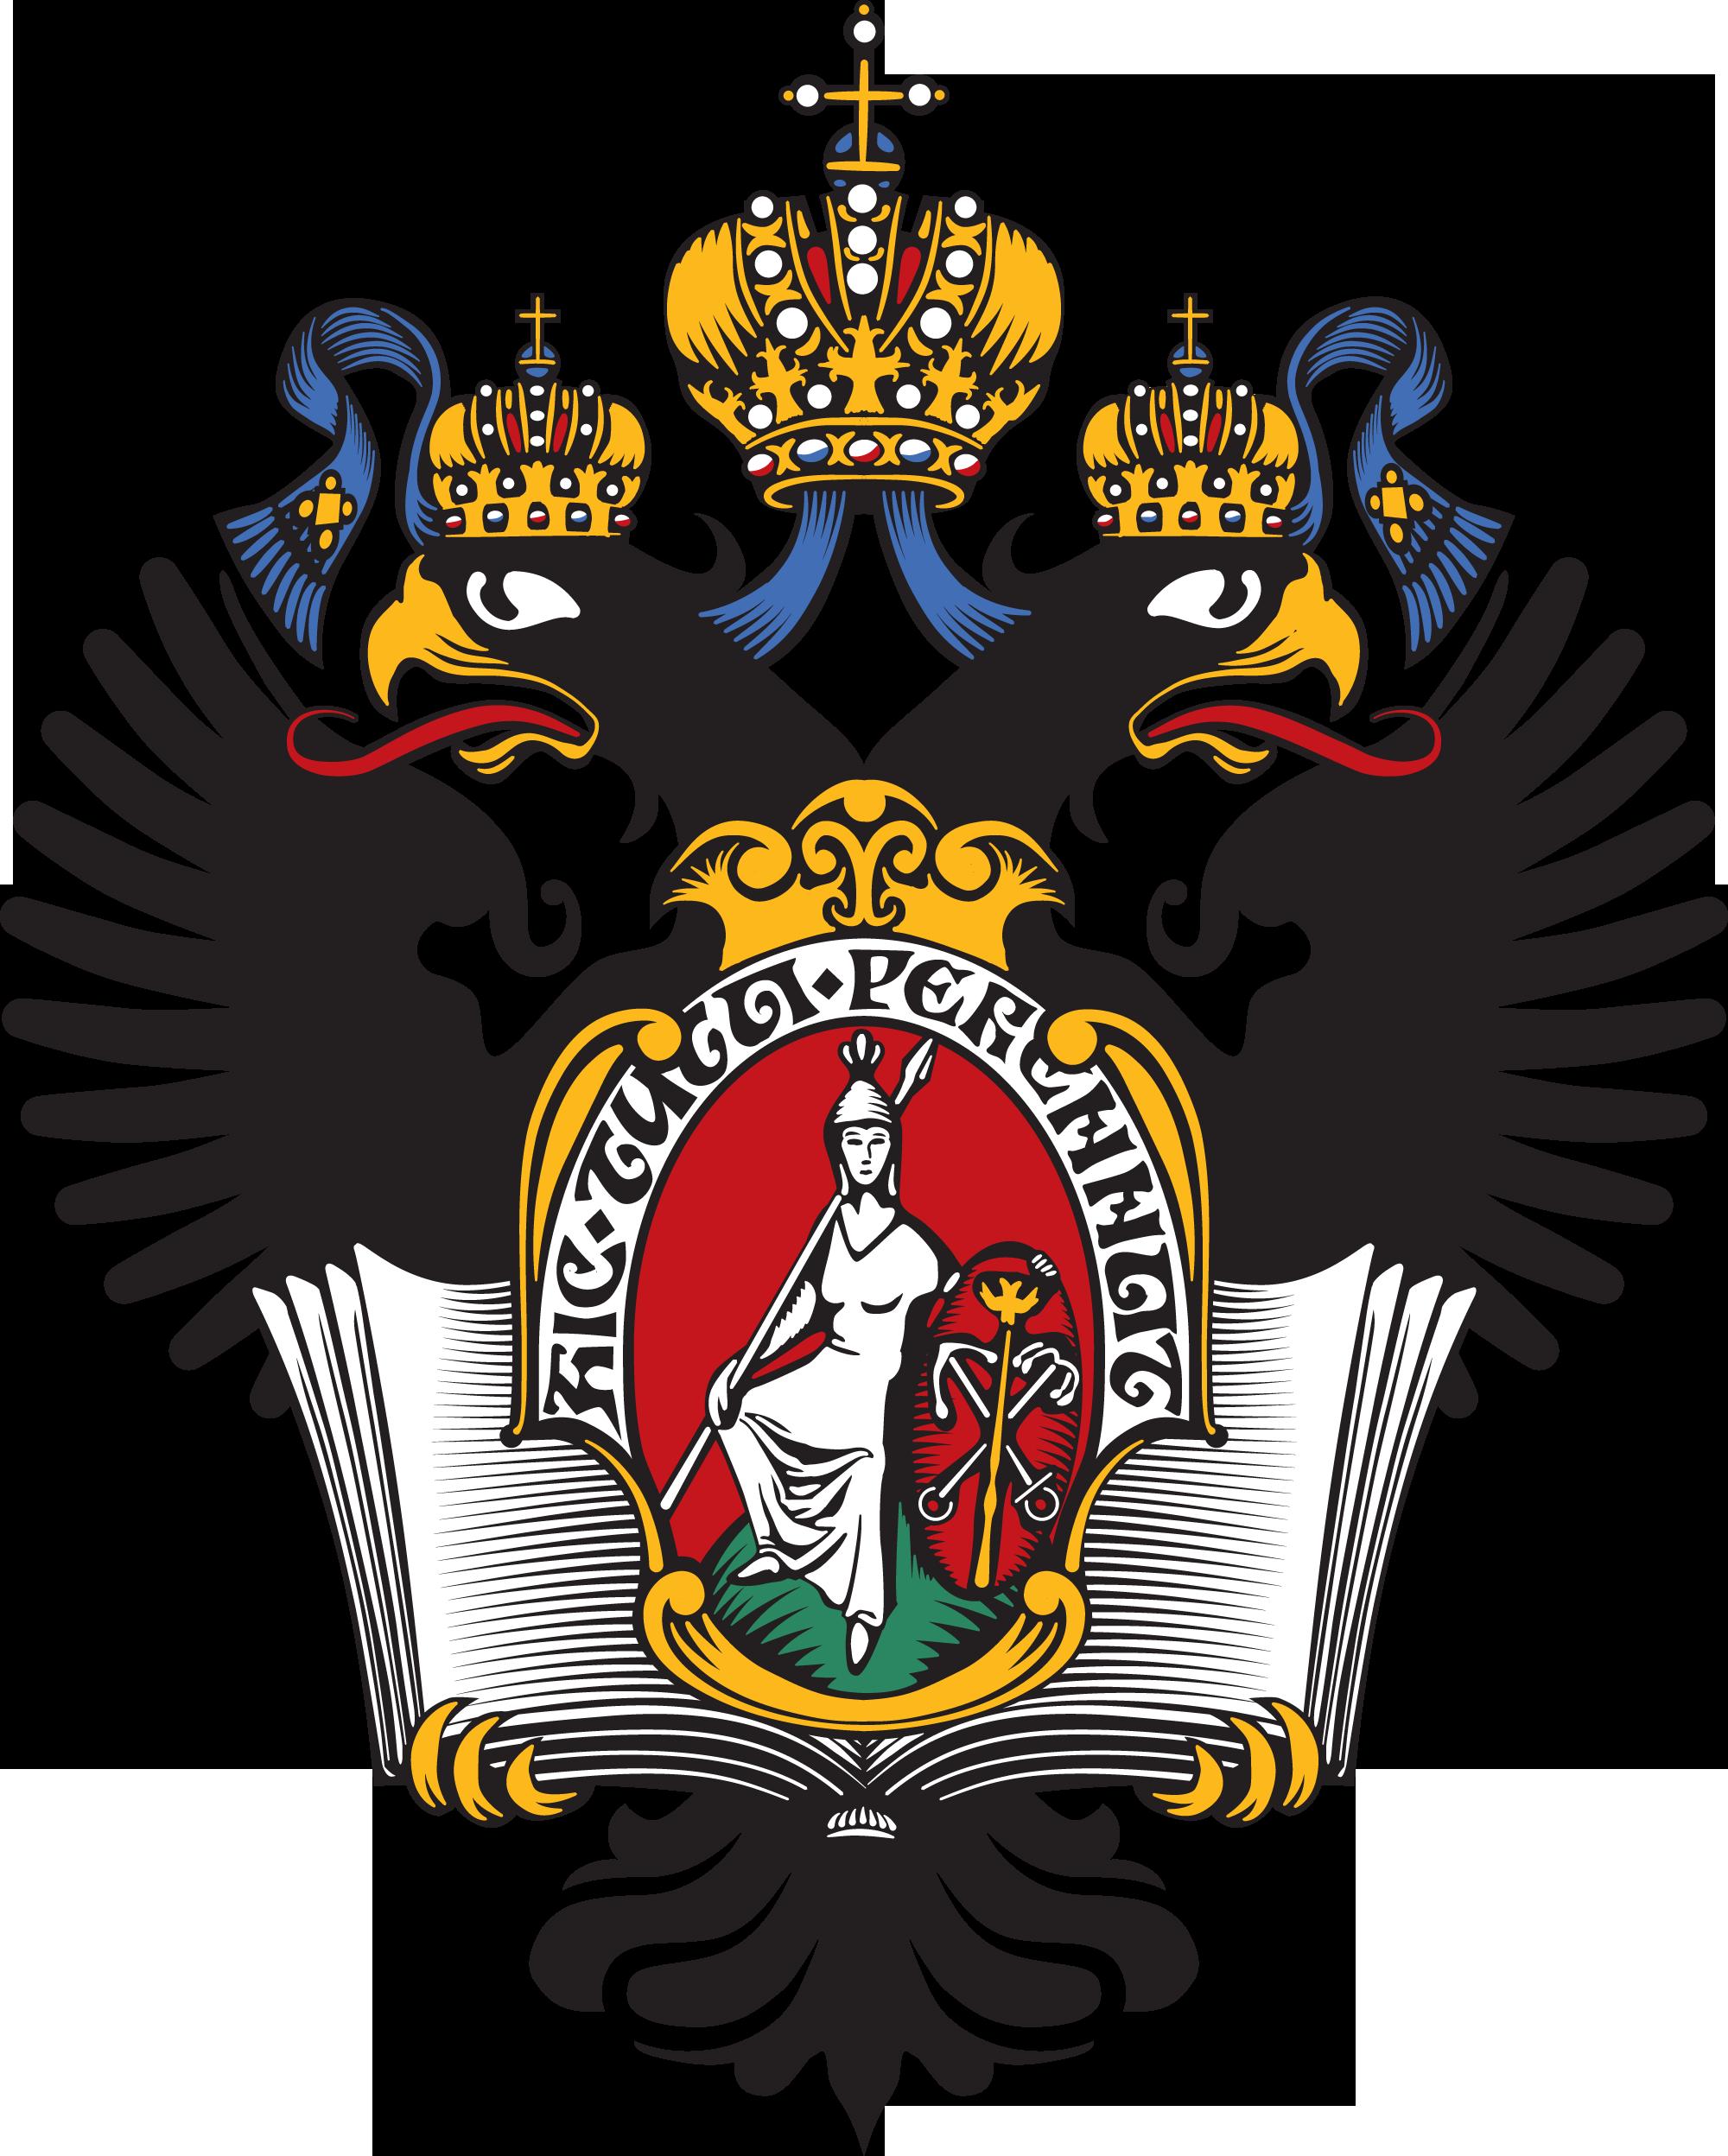 Герб (логотип, эмблема) Санкт-Петербургского государственного Университета